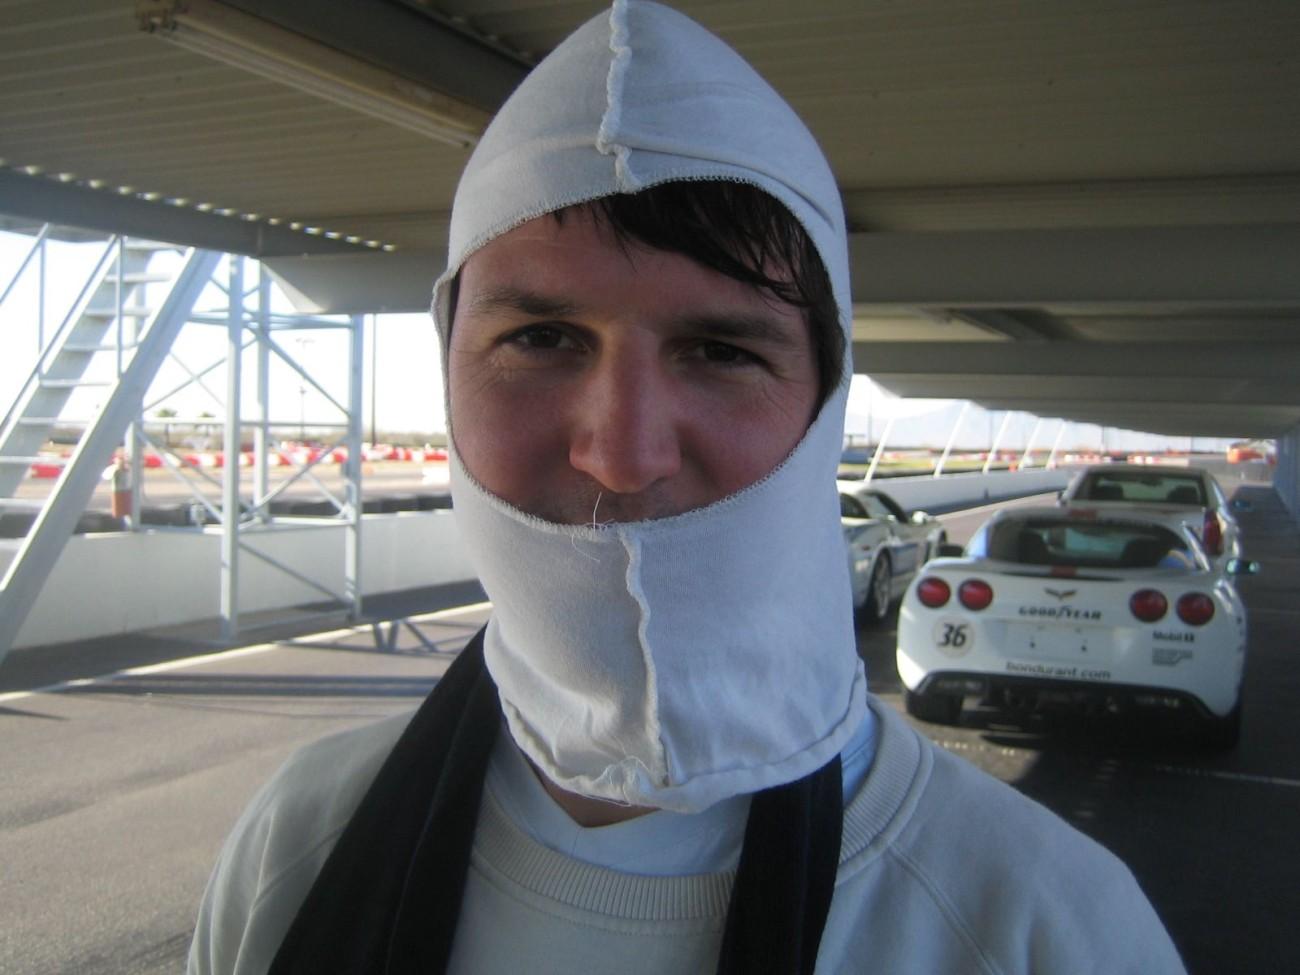 Ein Typ, dem man vertrauen kann: Stefan bei den Vorbereitungen für die Fahrt im Rennwagen